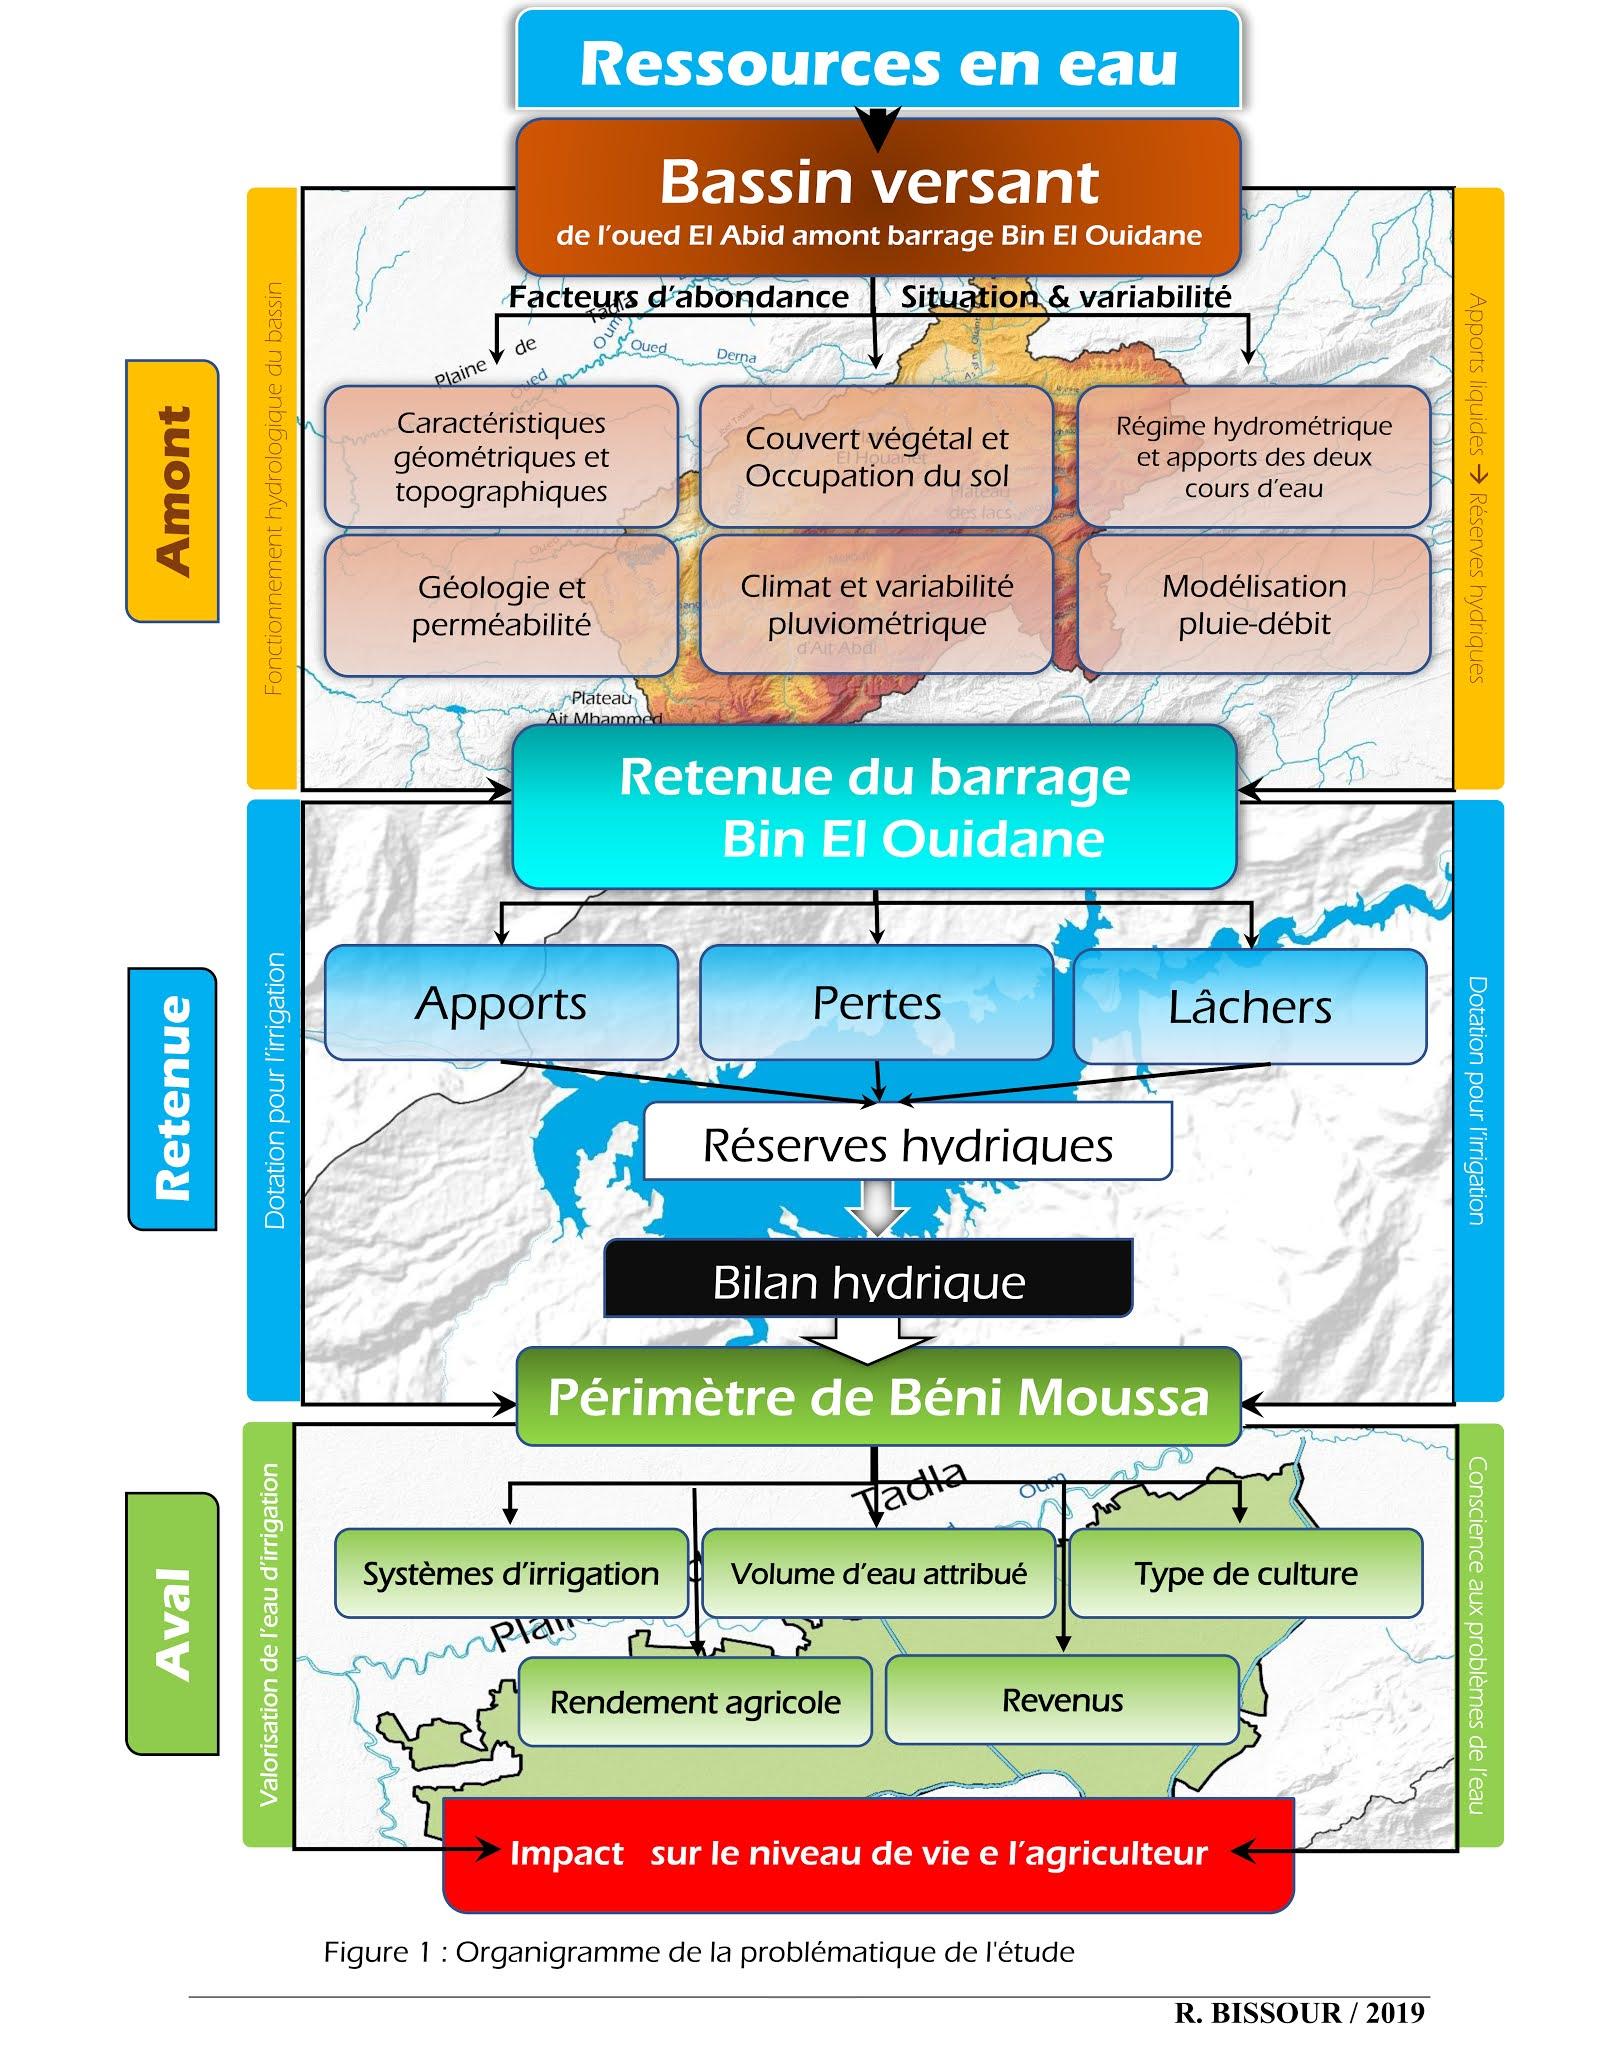 Thèse BISSOUR RACHID : Ressources en eau de l'oued El Abid amont barrage Bin El Ouidane et agriculture irriguée : Caractérisation, quantification et valorisation.  Cas du périmètre irrigué de Béni Moussa  (Région Béni Mellal Khénifra)